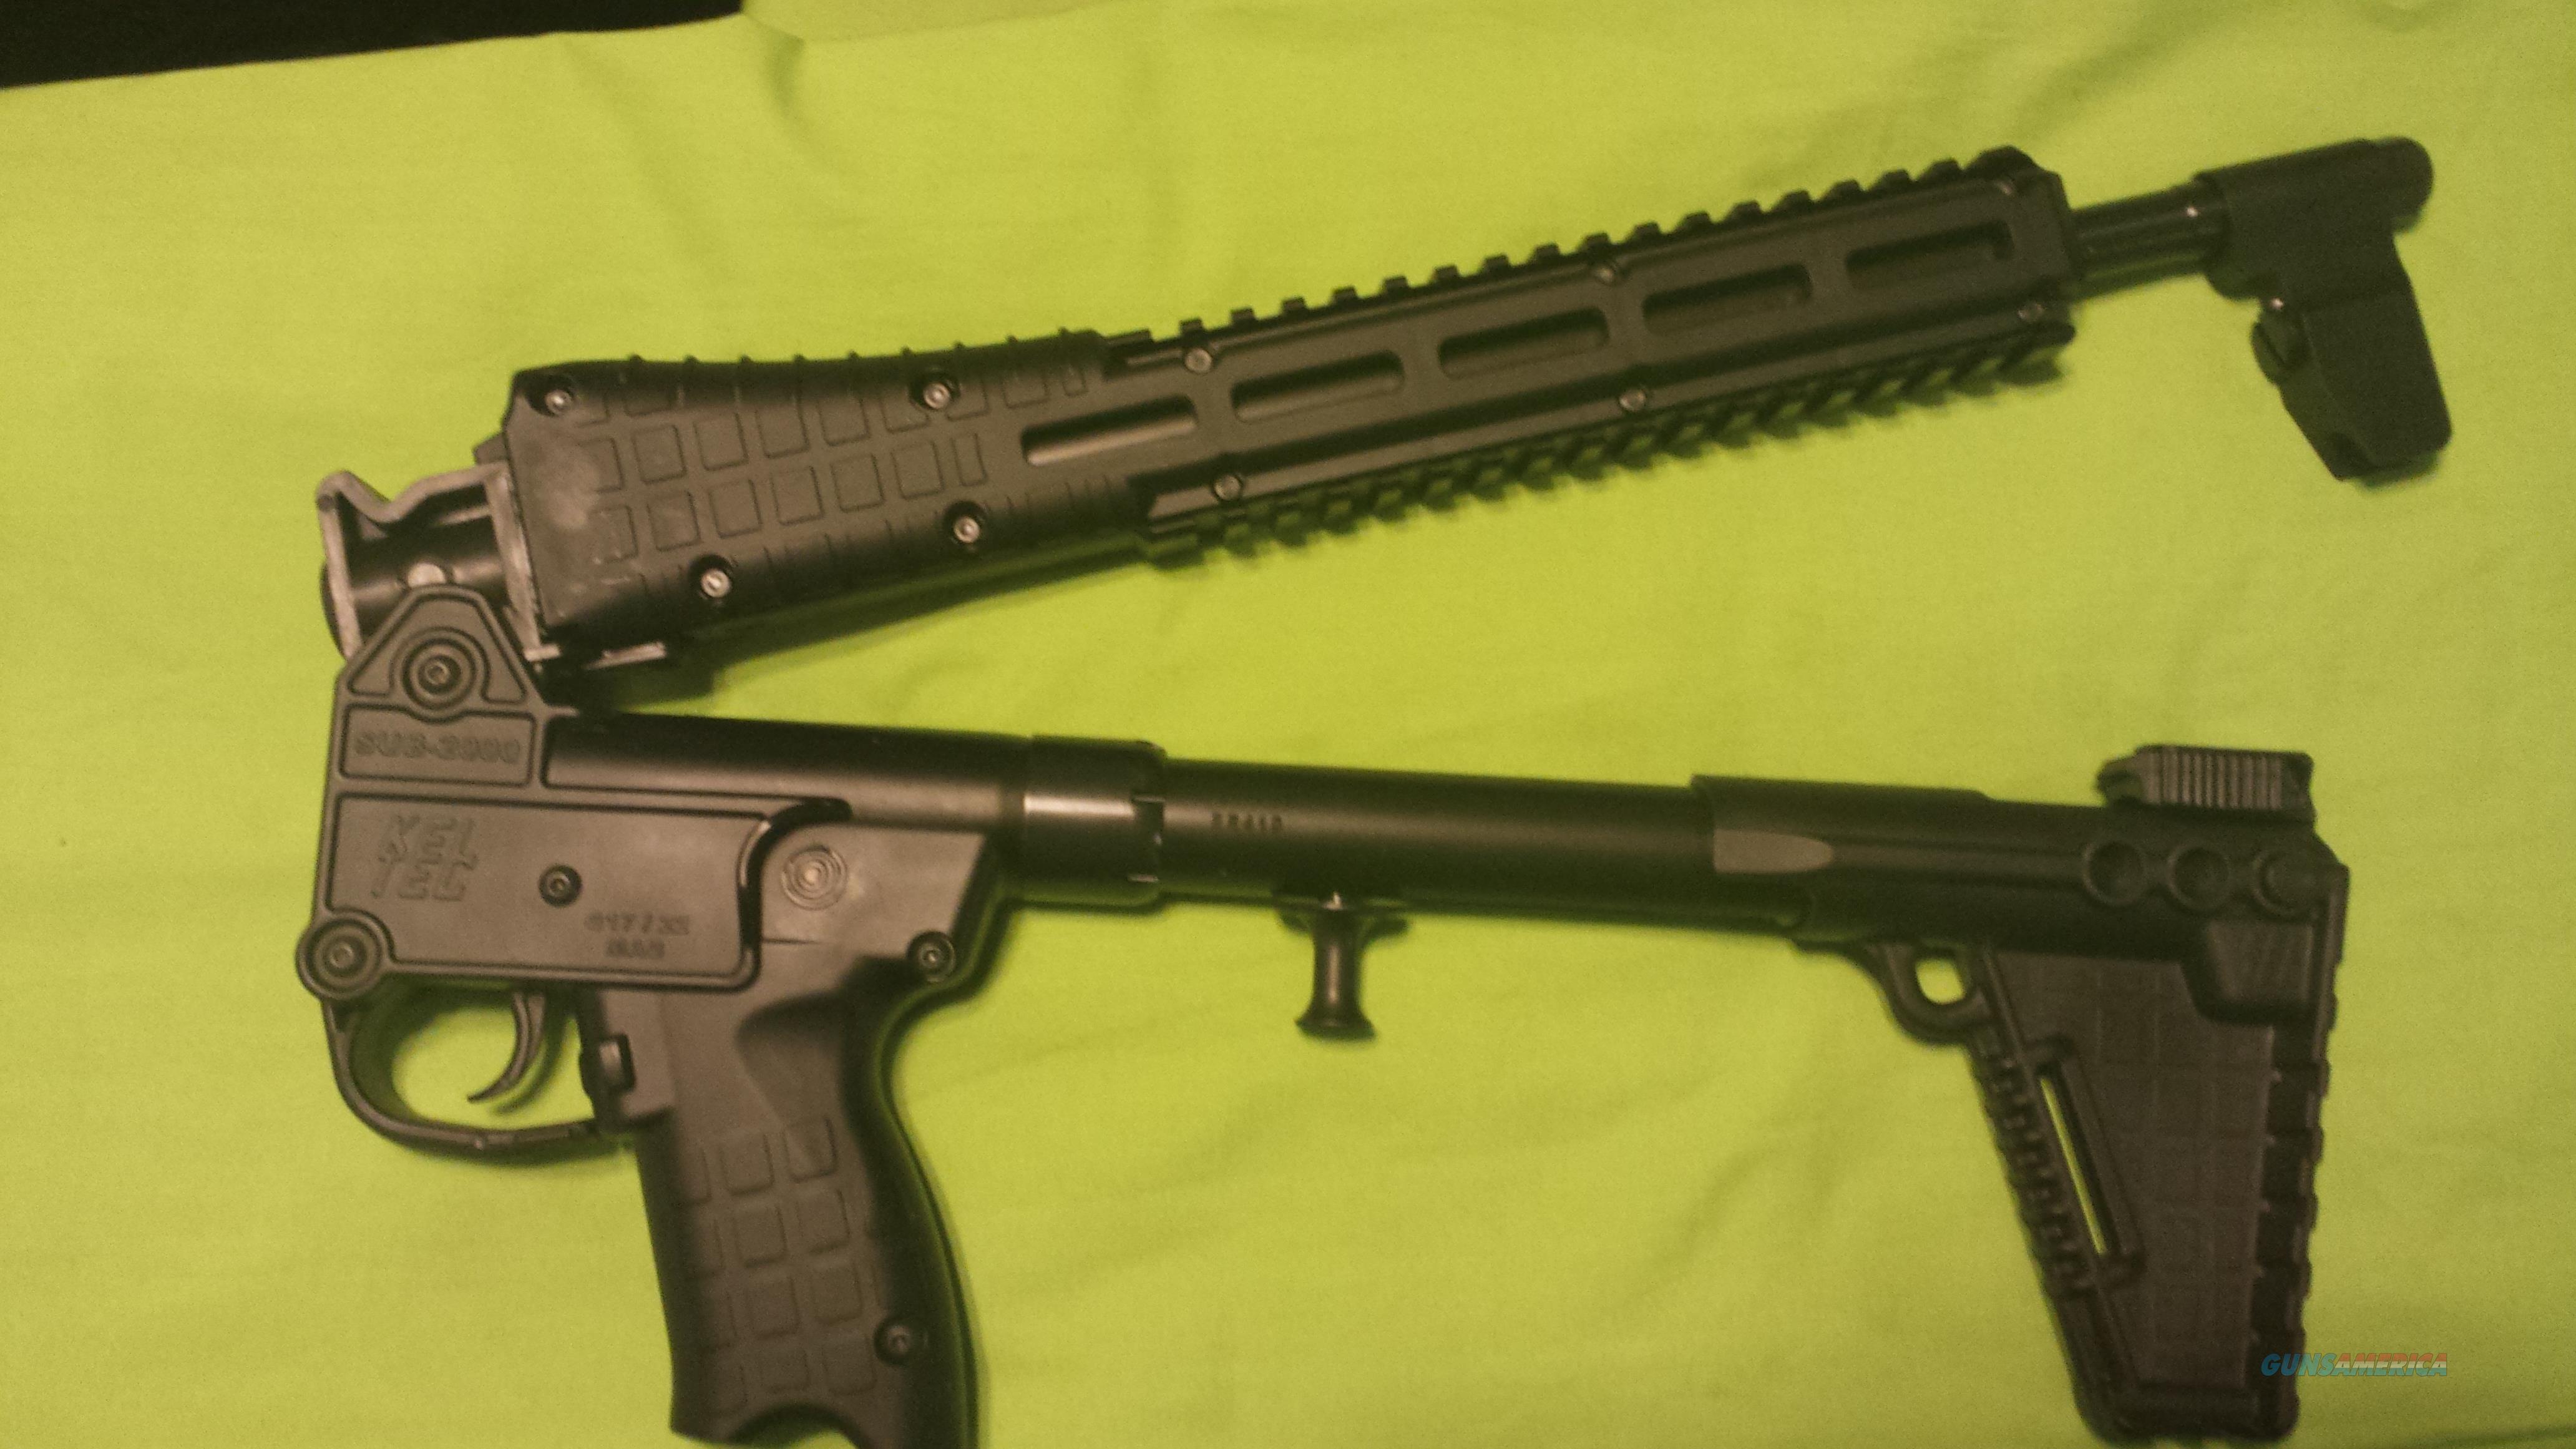 KELTEC SUB 2K 2000 GEN 2 G2 9MM BERETTA 92 9 MM  Guns > Rifles > Kel-Tec Rifles